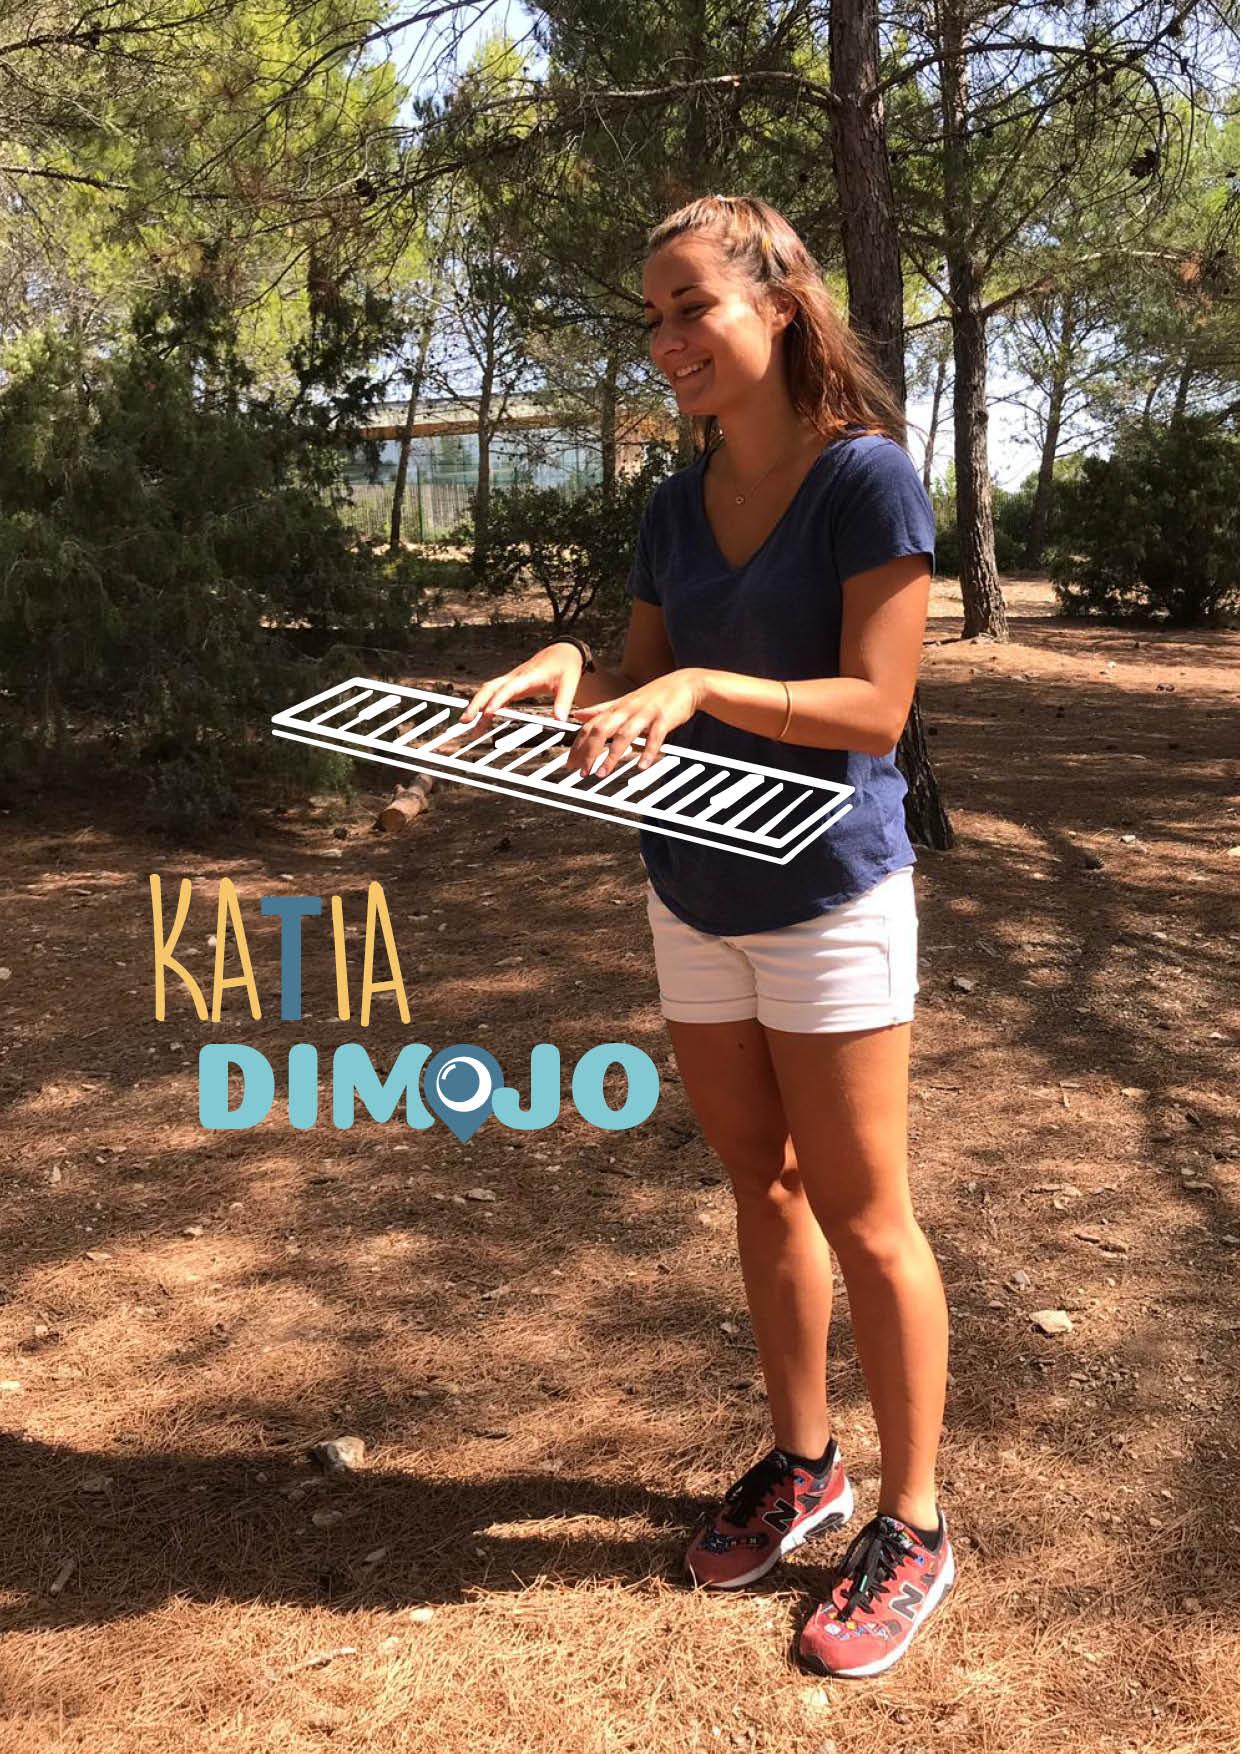 Katia Dimojo